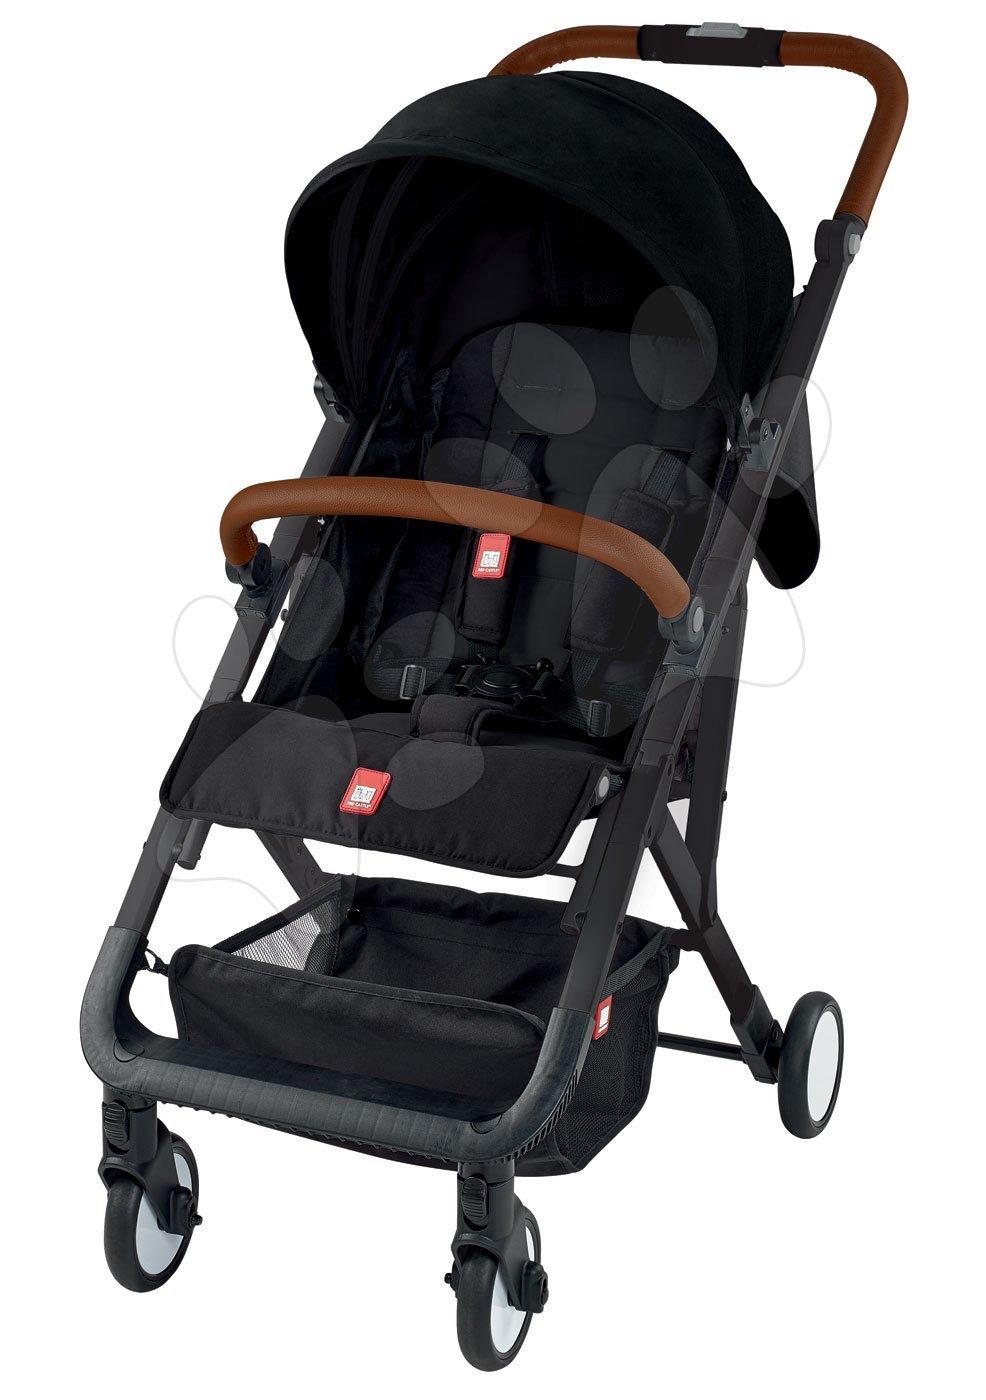 Kočíky - Športový kočík CityLink® III Red Castle skladací s čiernou konštrukciou a 5-bodovým bezpečnostným pásom od 0 mesiacov